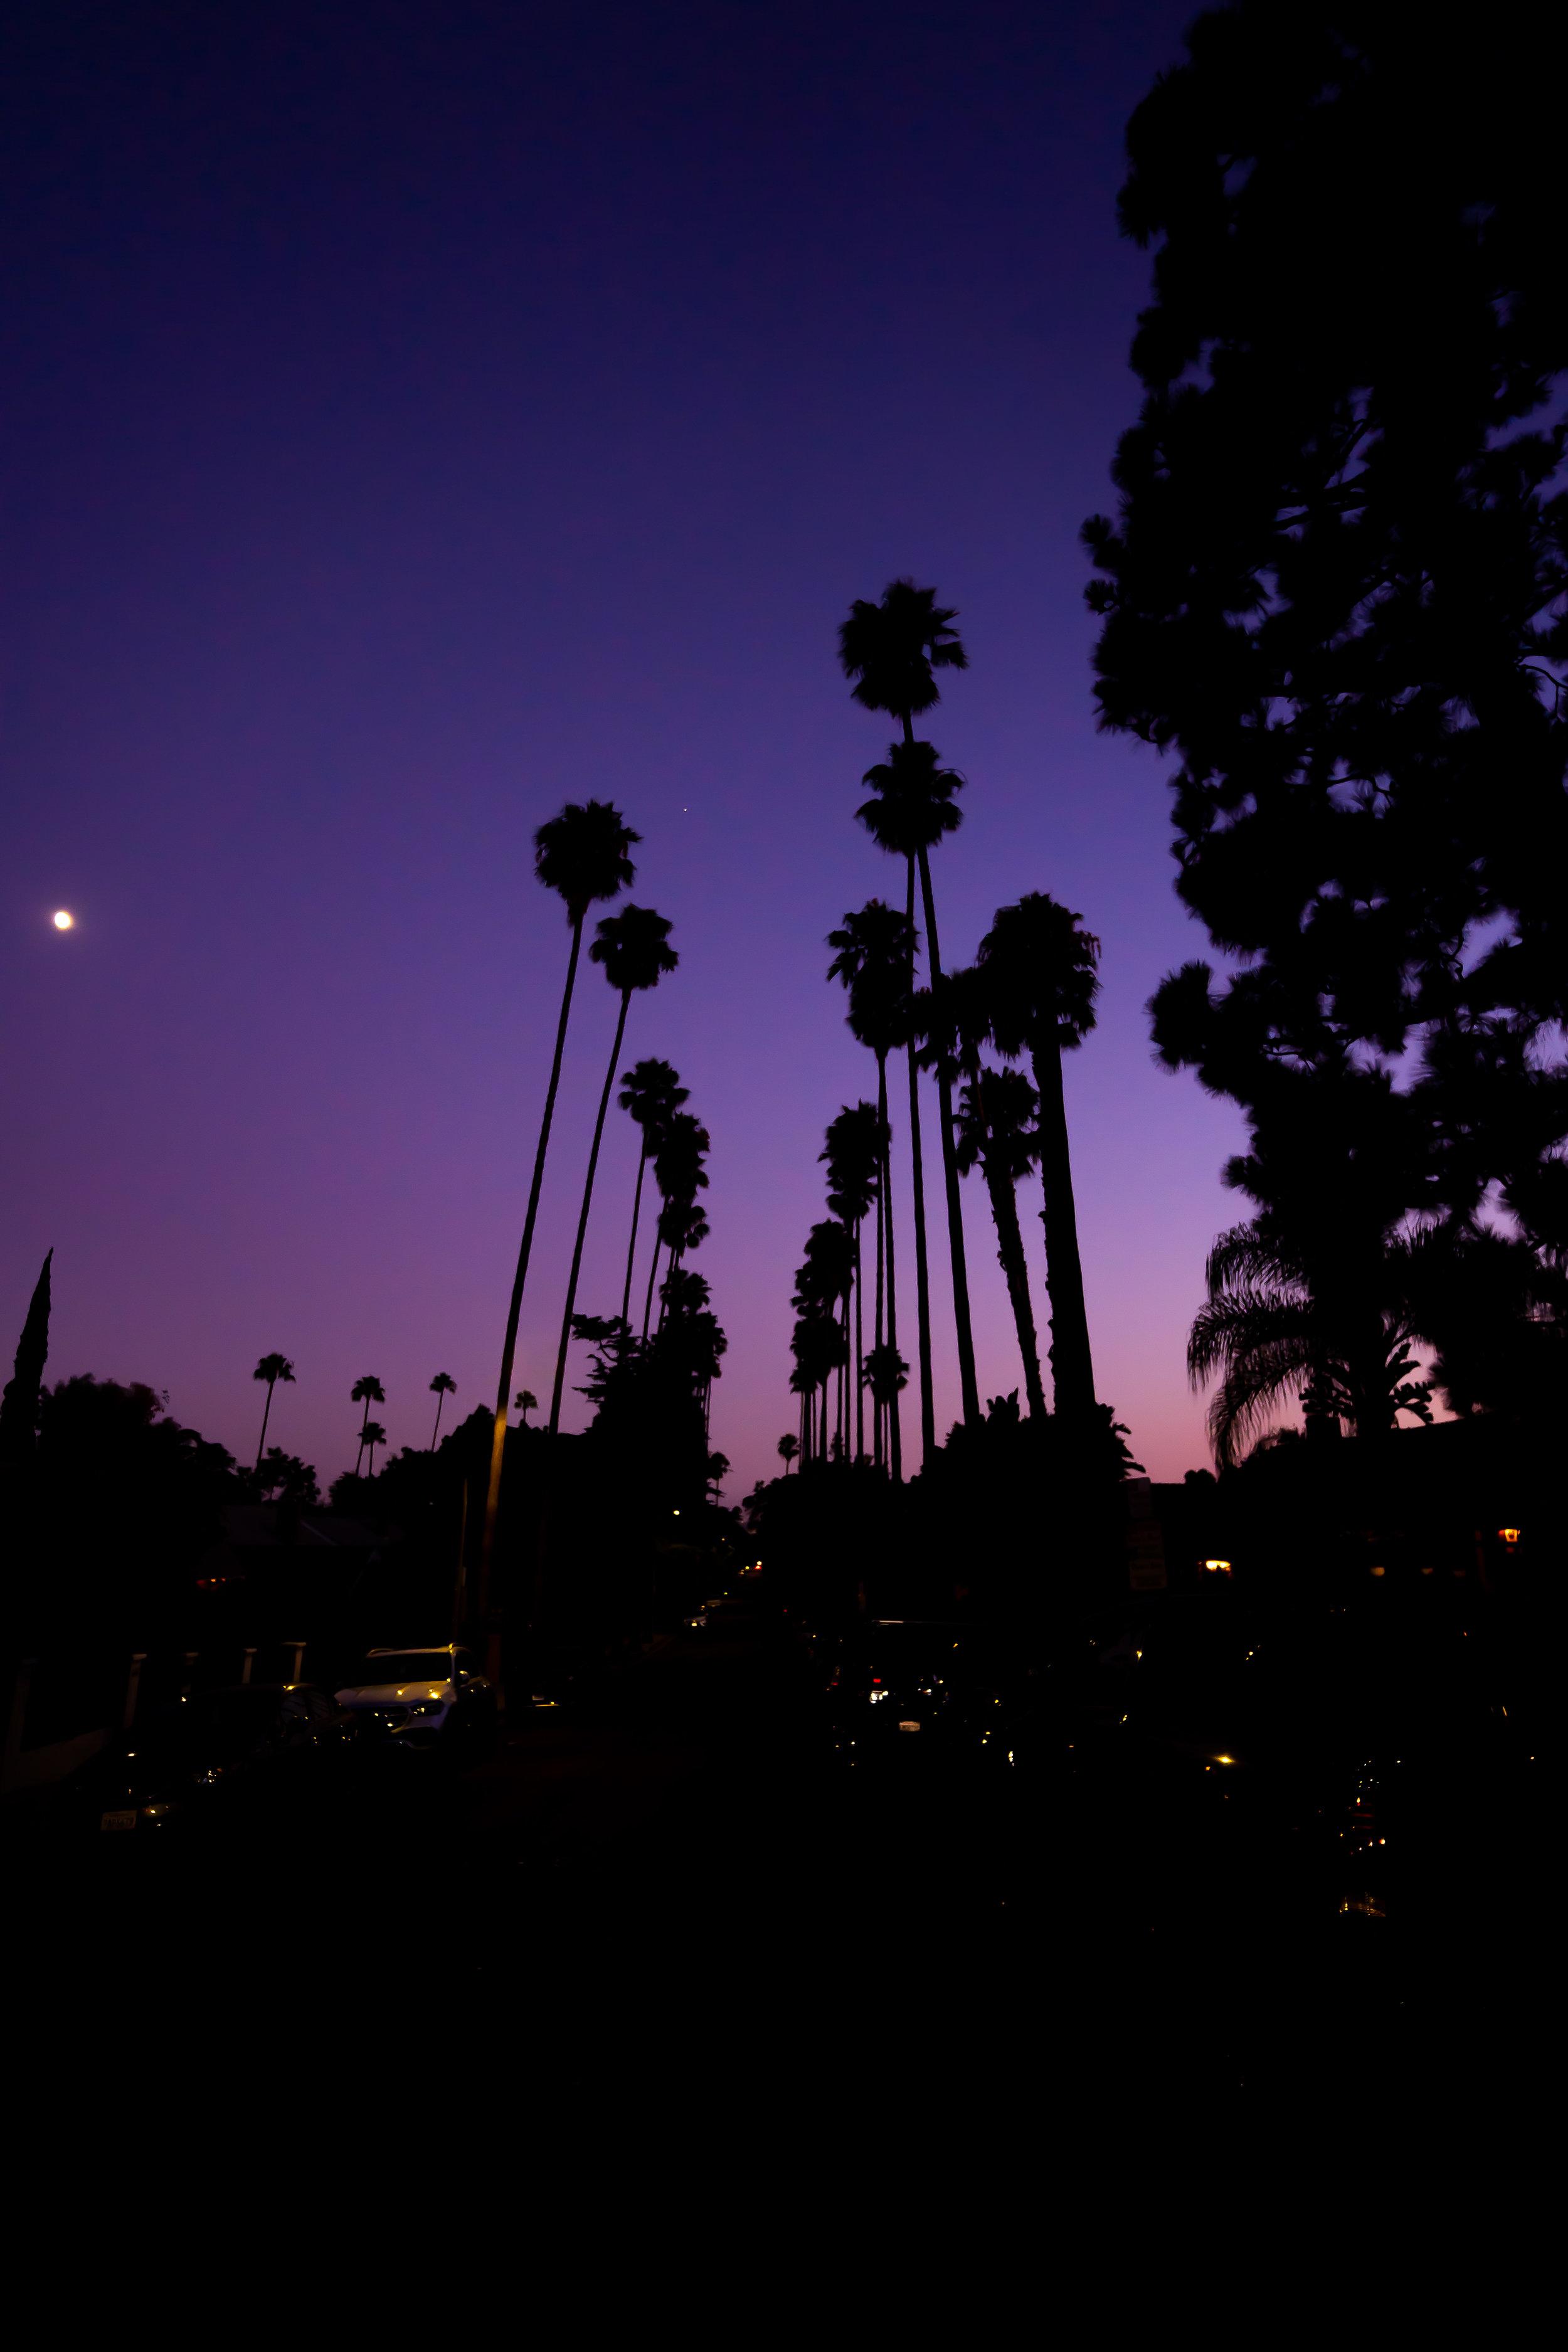 Los Angeles, California - 8/20/19